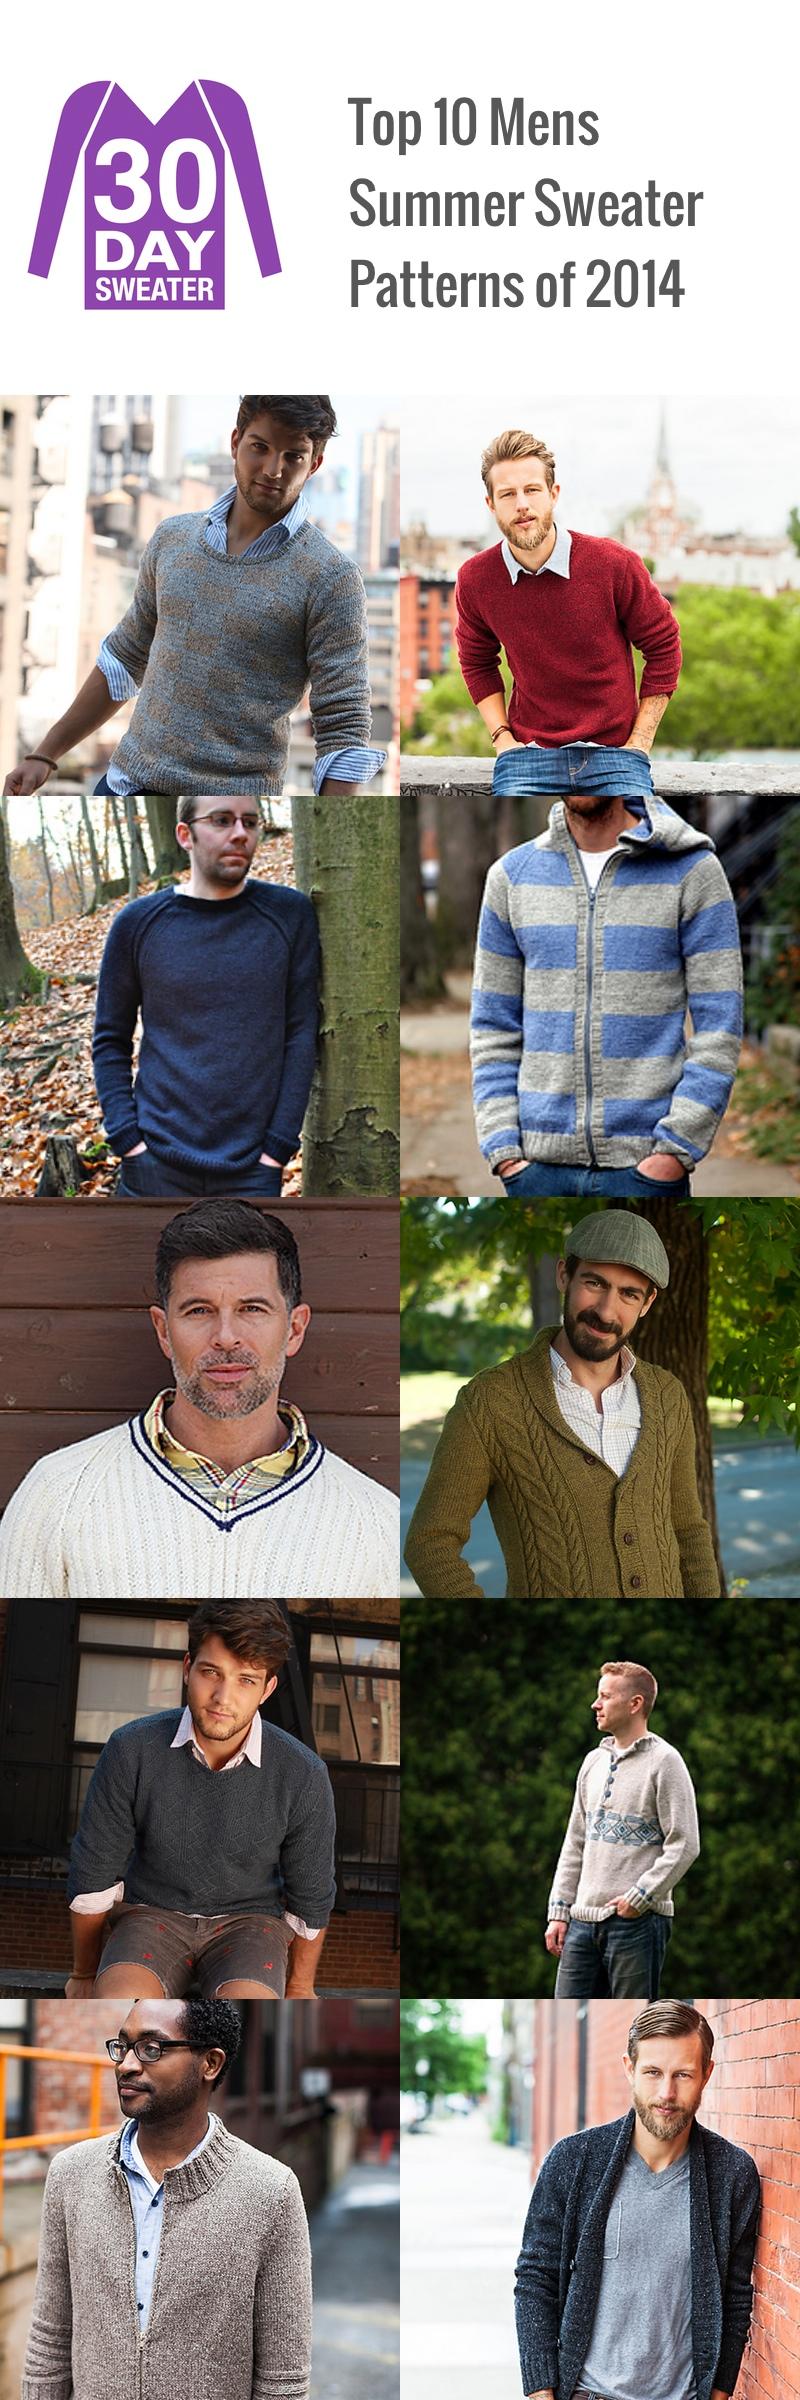 top10menssummersweaterpatterns